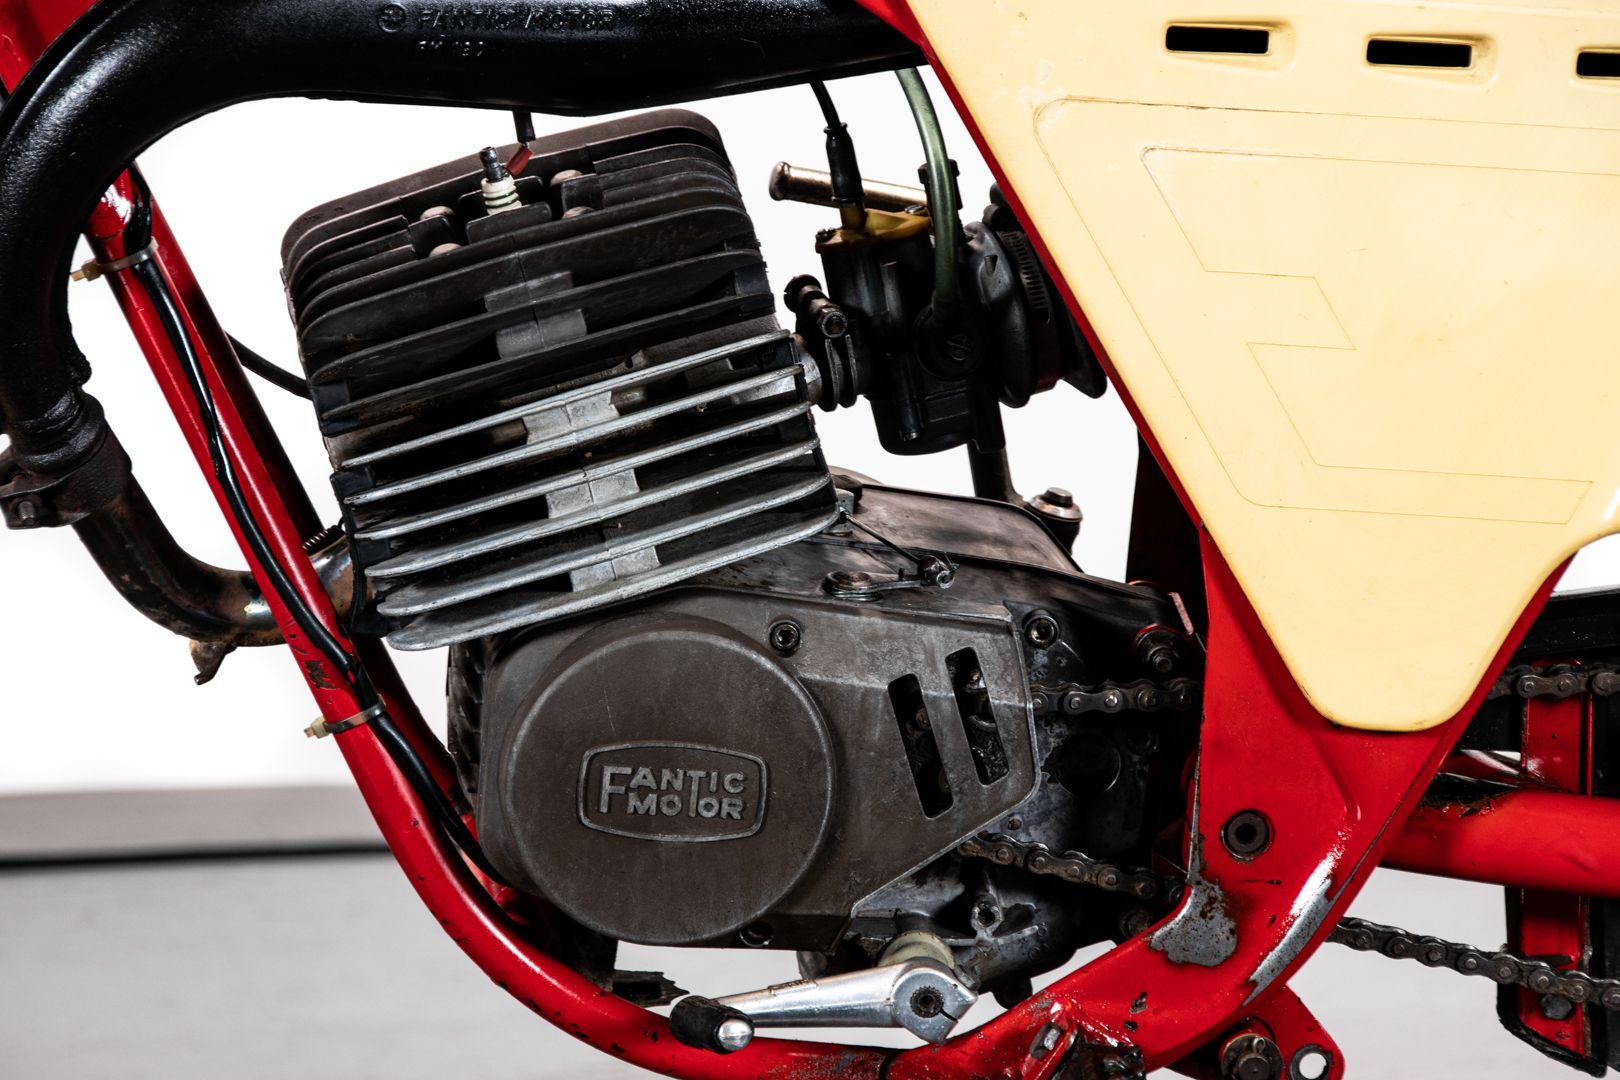 1979 Fantic Motor Caballero 50 Super 6M TX 190 64389